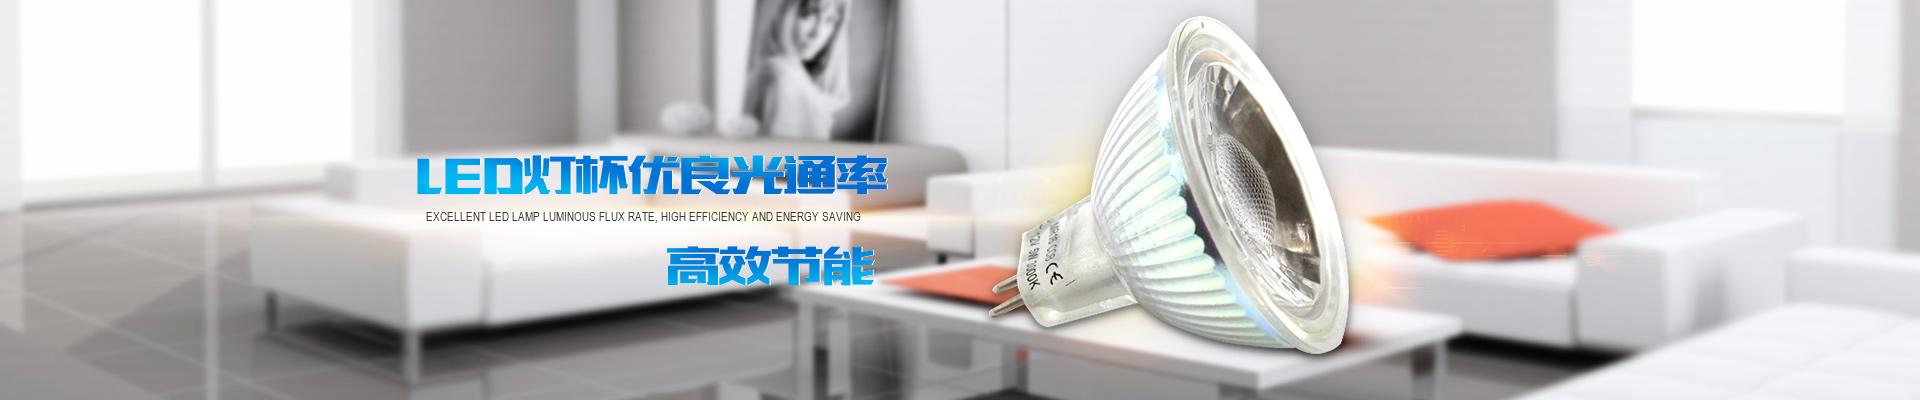 LED灯杯大功率发光fun88官网手机版